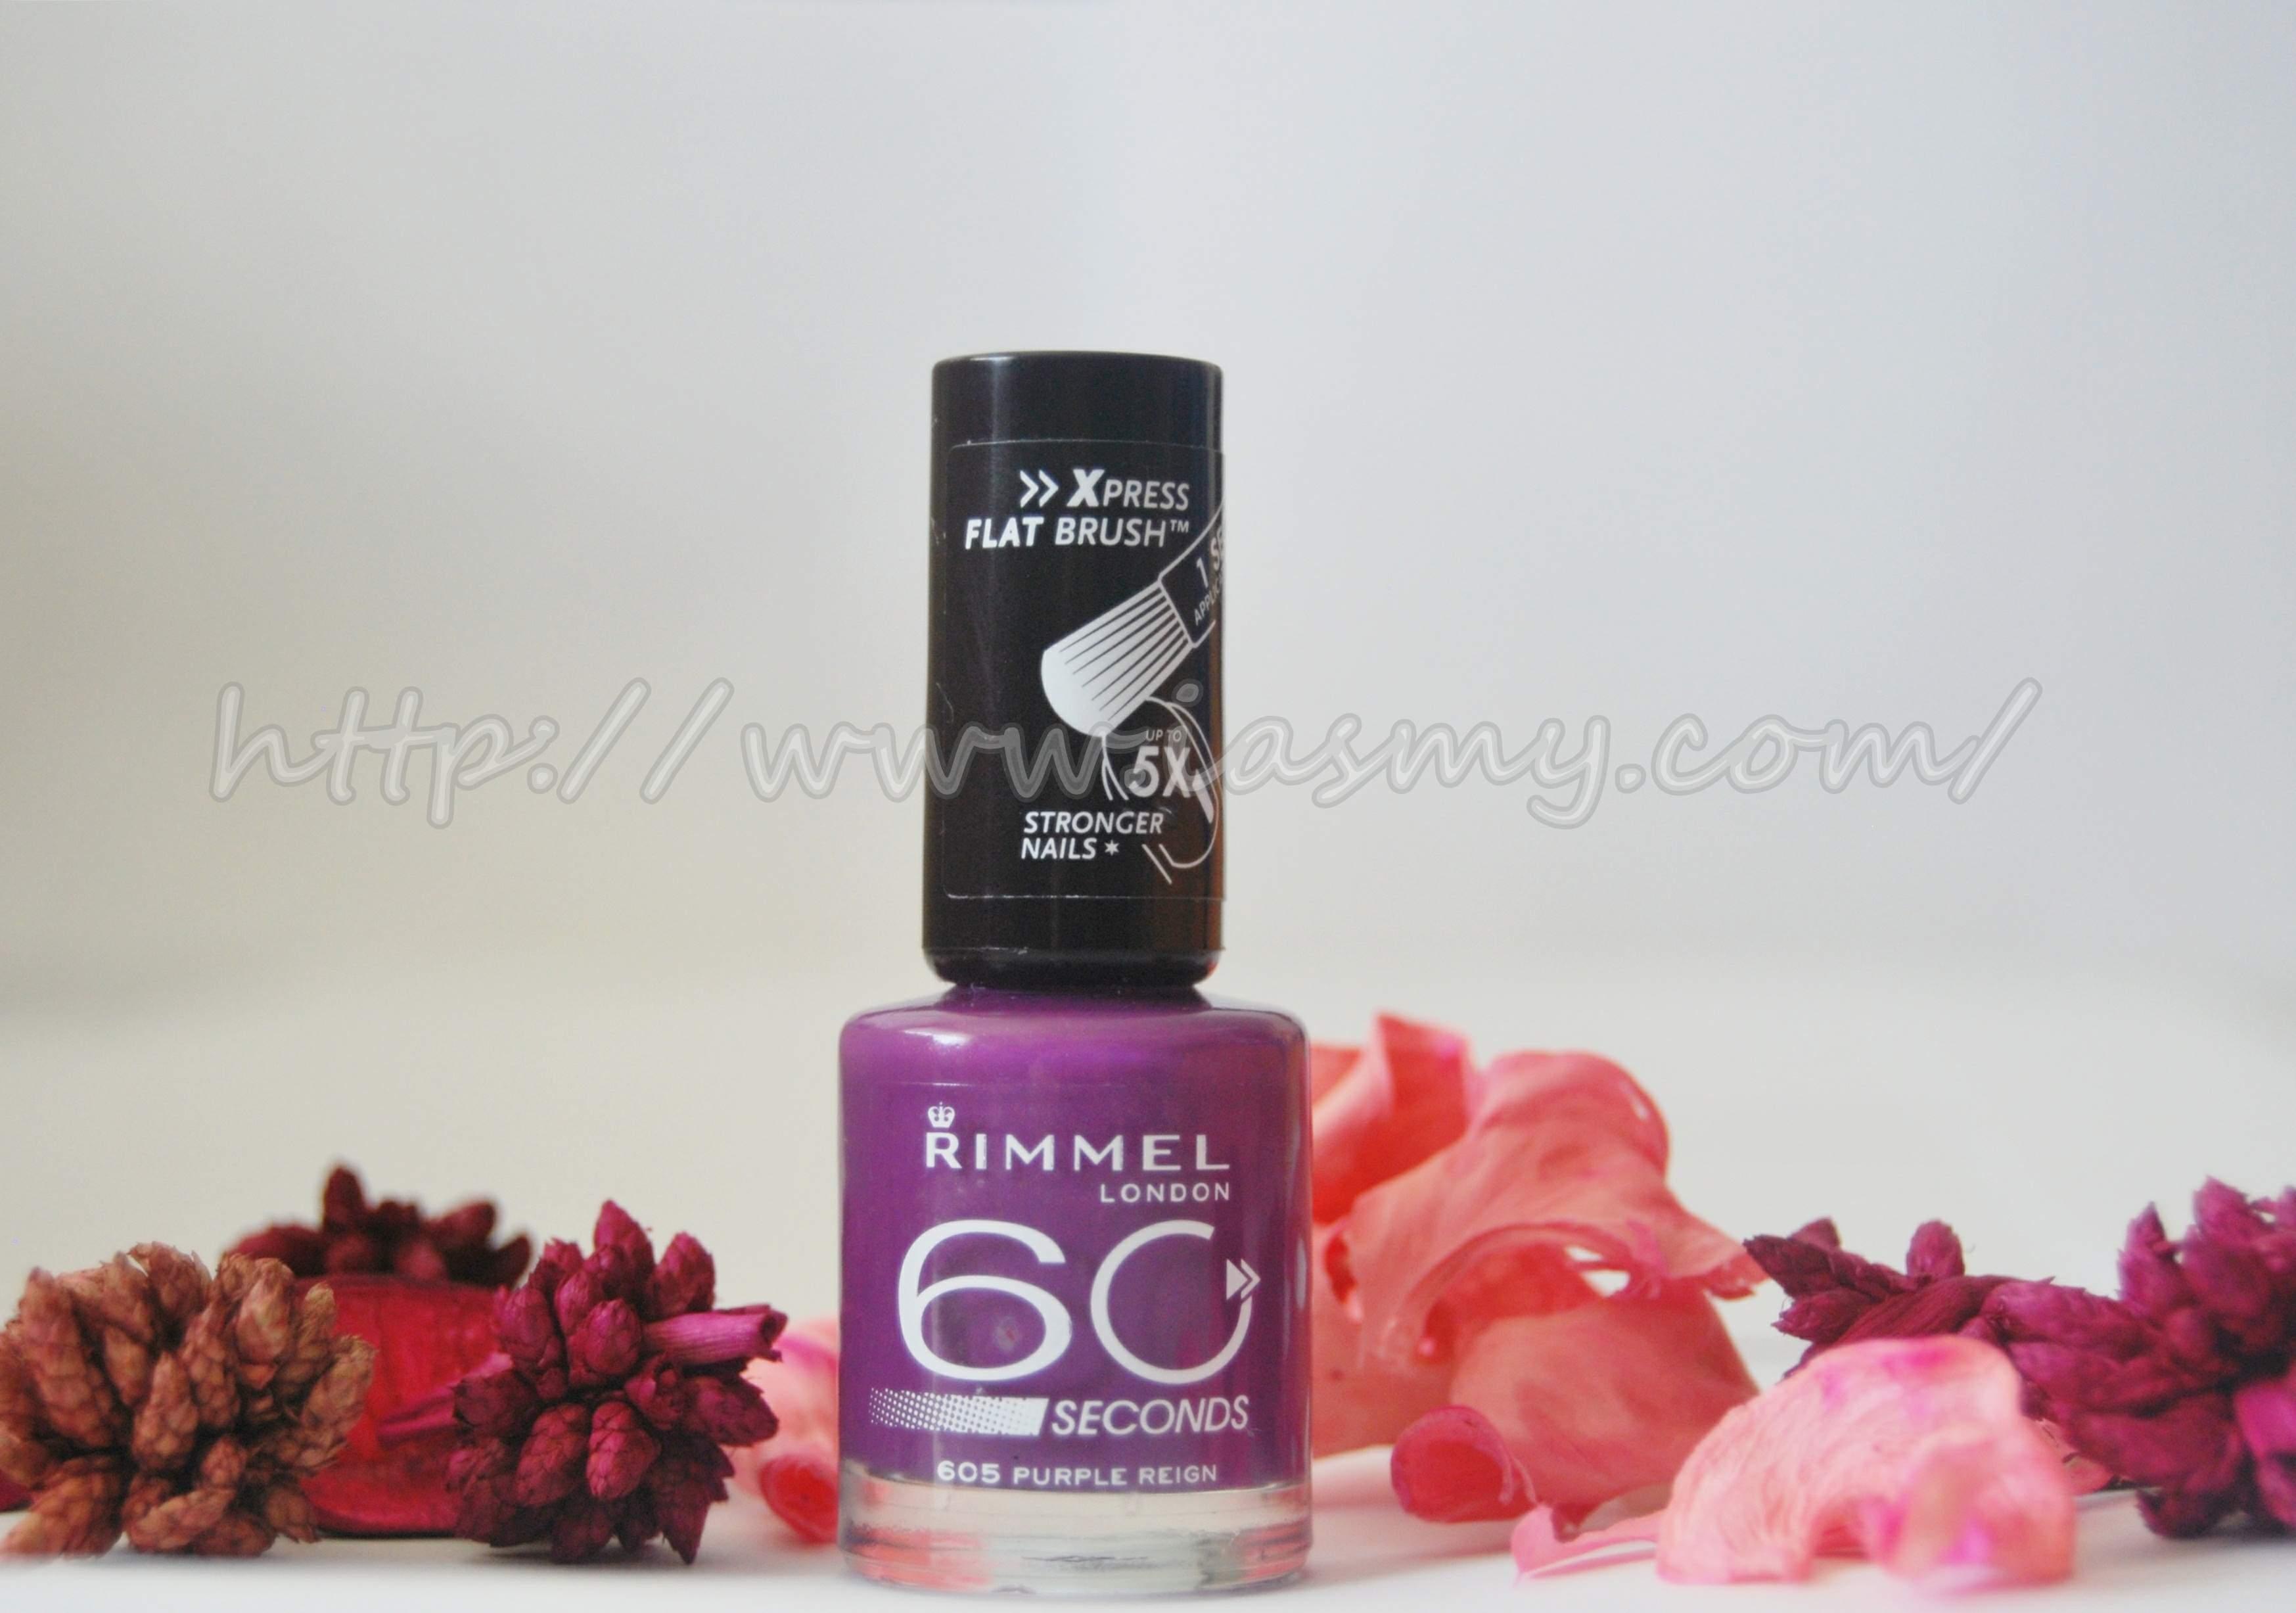 Rimmel London 60 seconds,605 Purple Reign